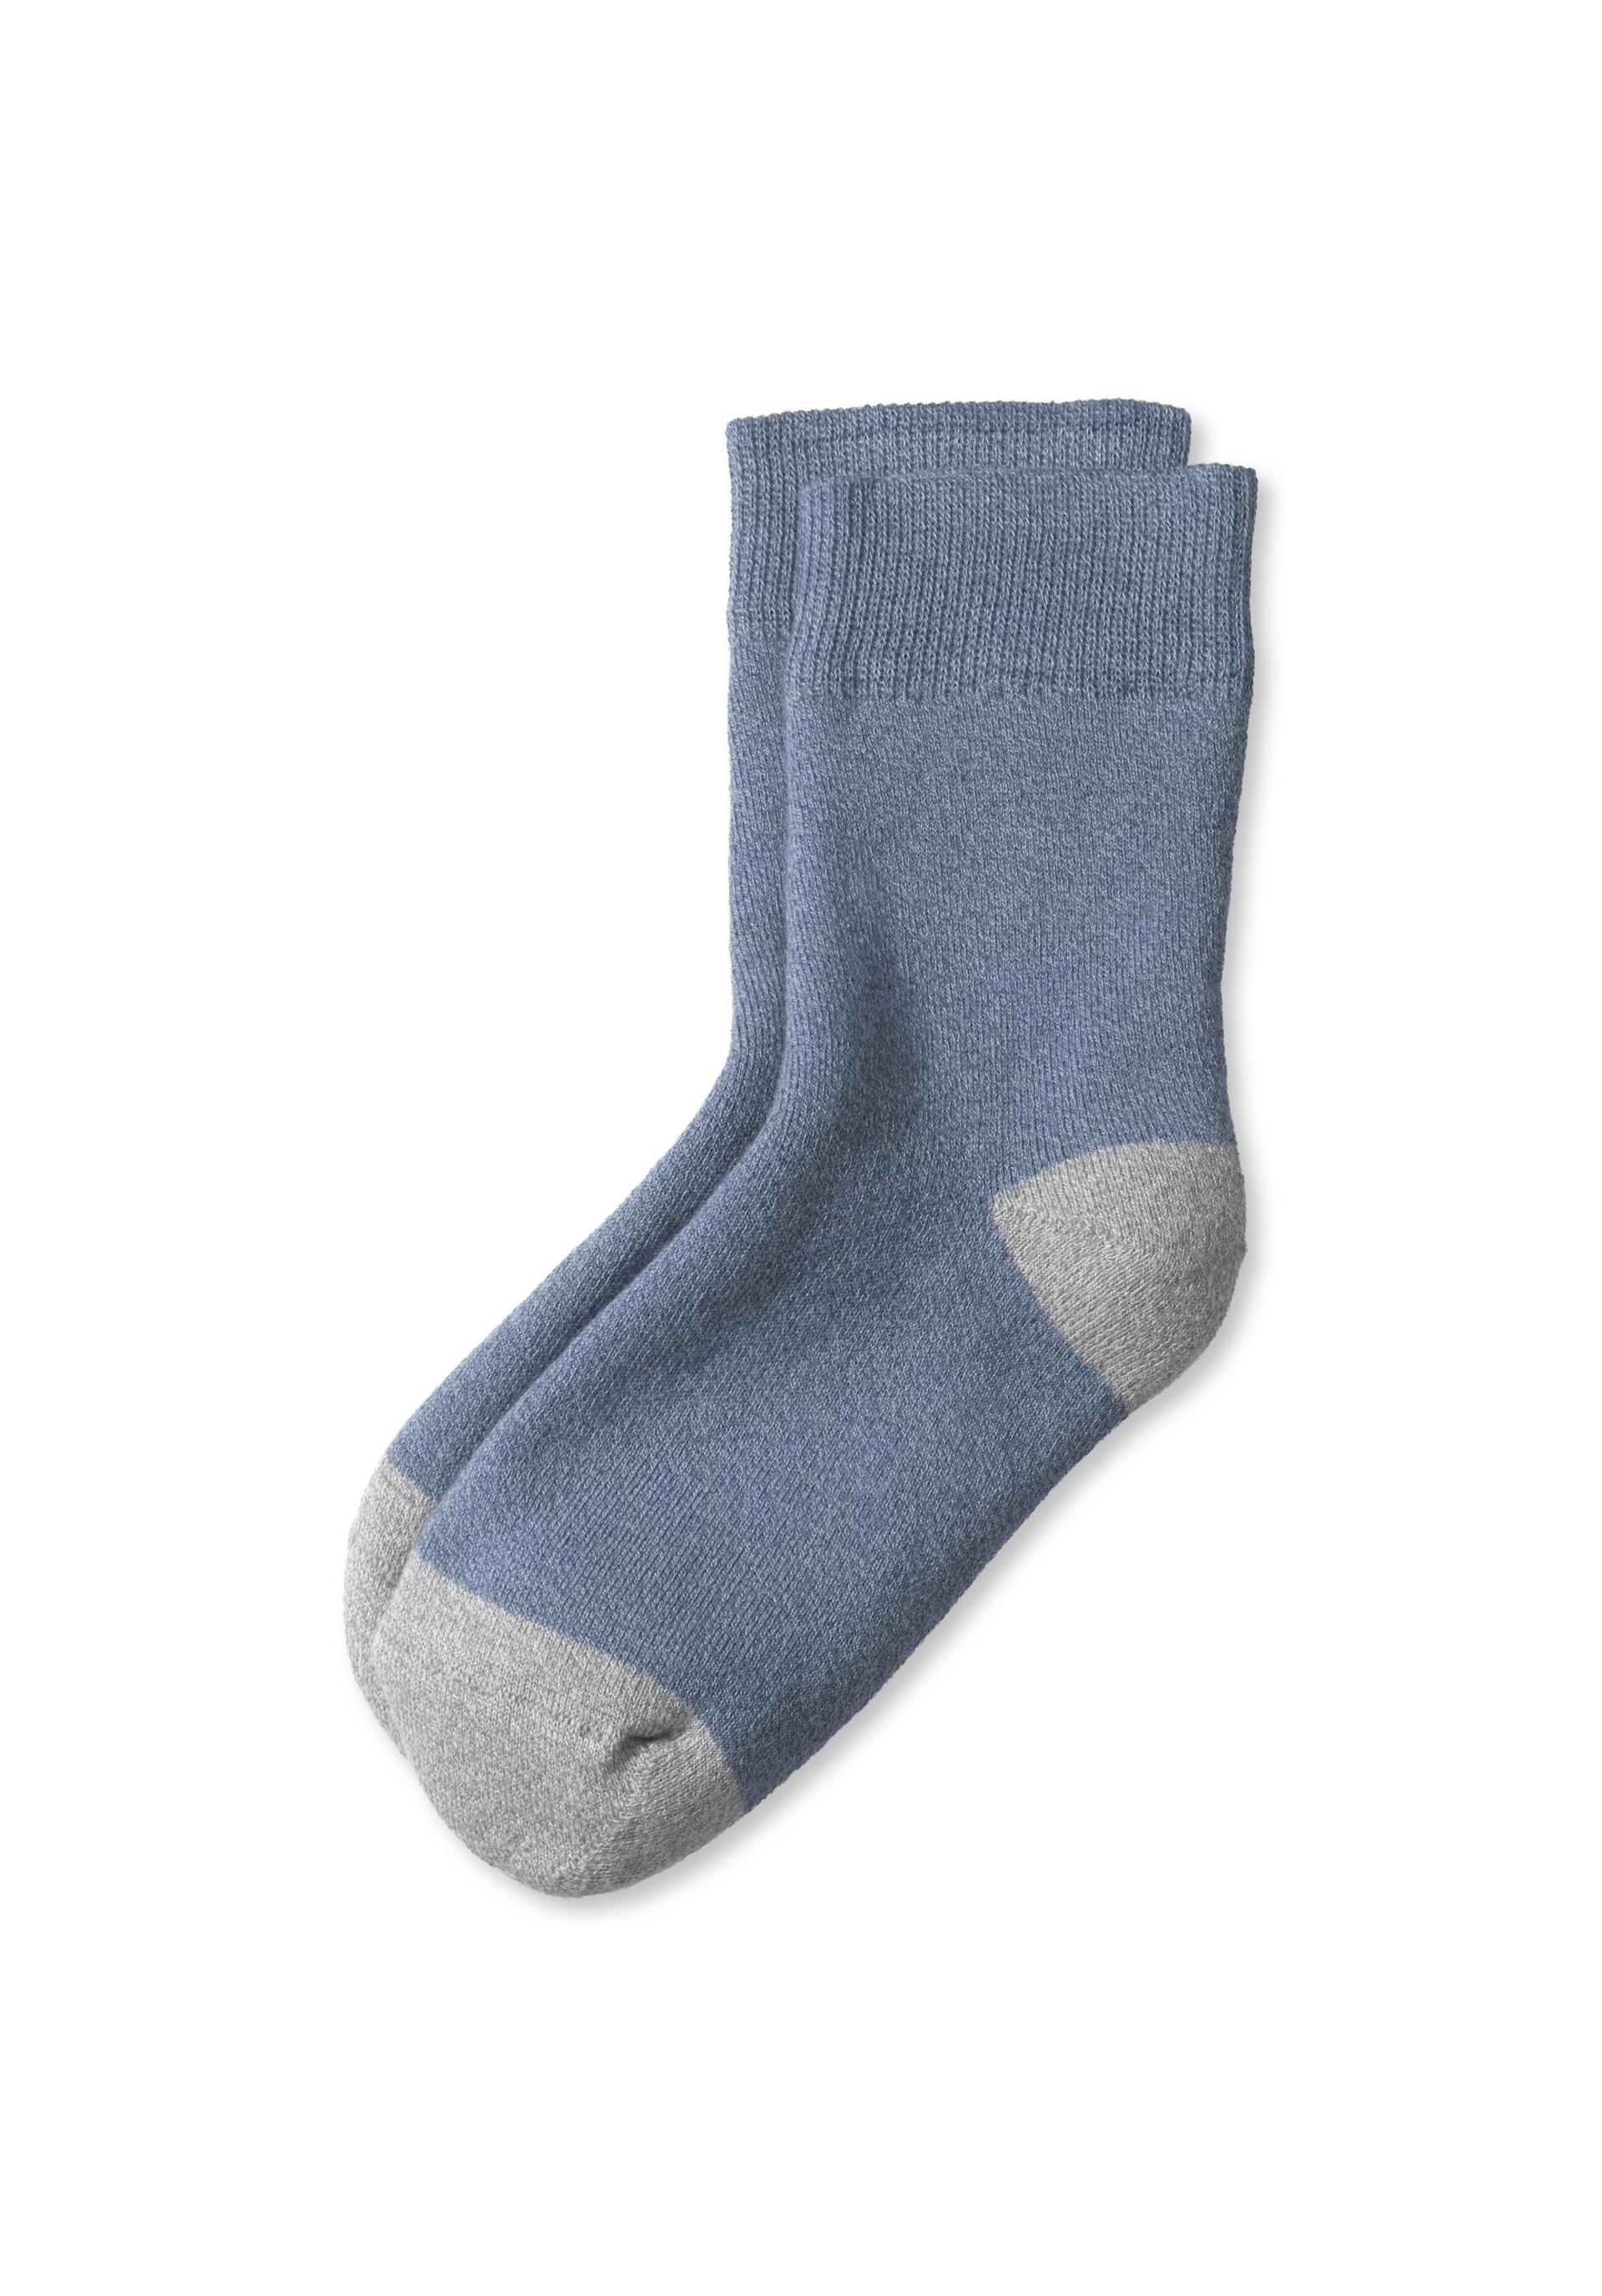 15a7bcbce0 Frottee-Socke aus Bio-Baumwolle - hessnatur Deutschland